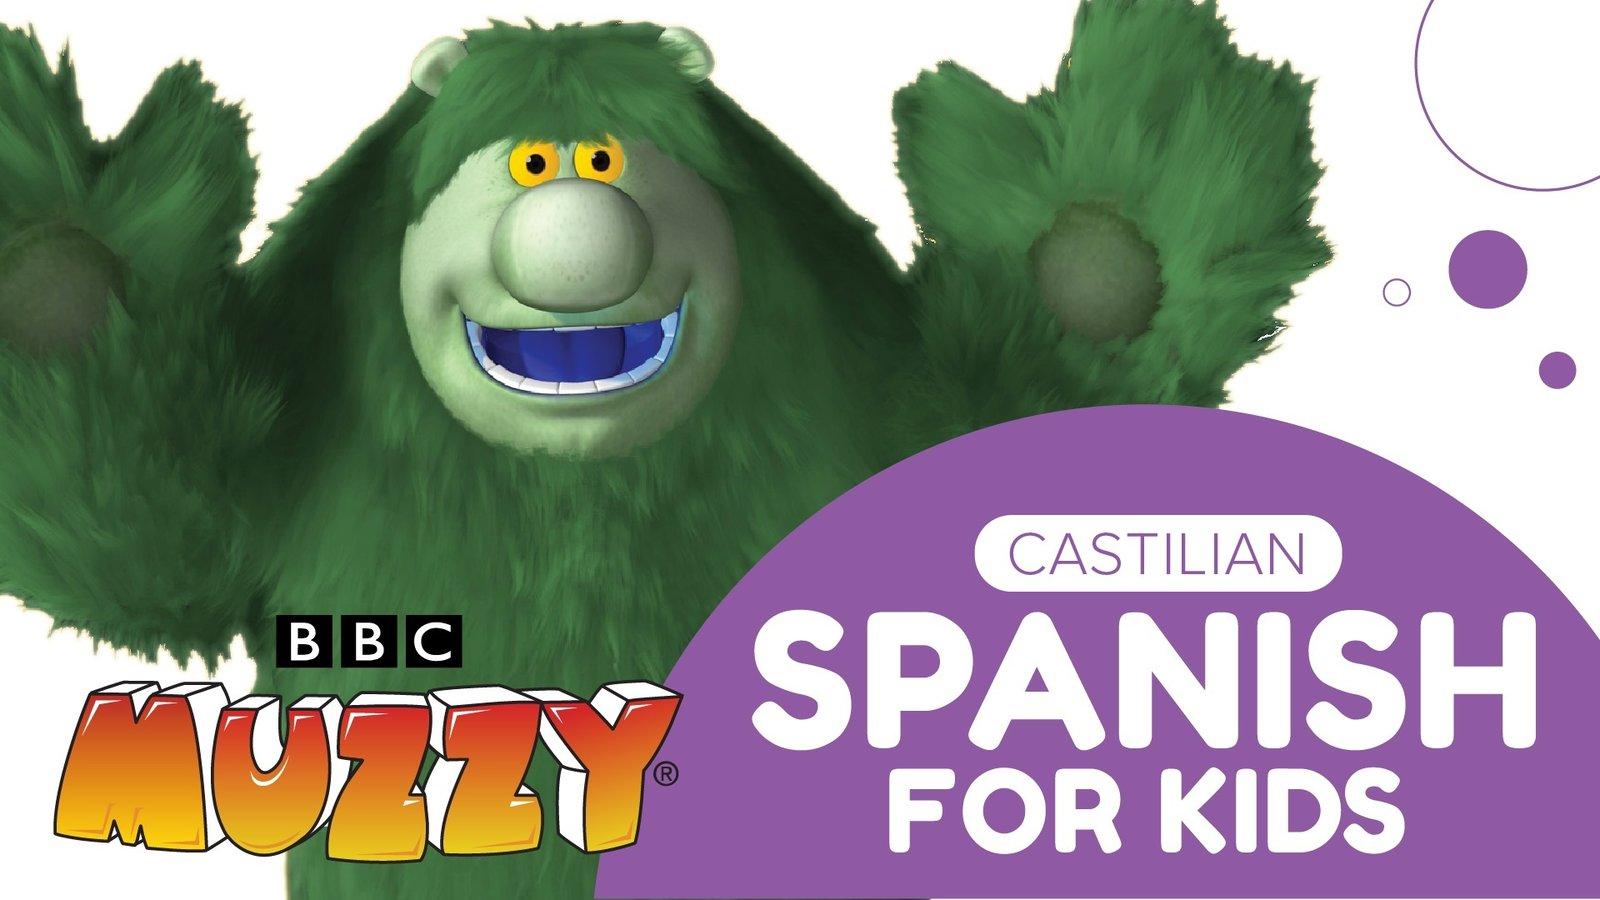 Spanish (Castilian) for Kids